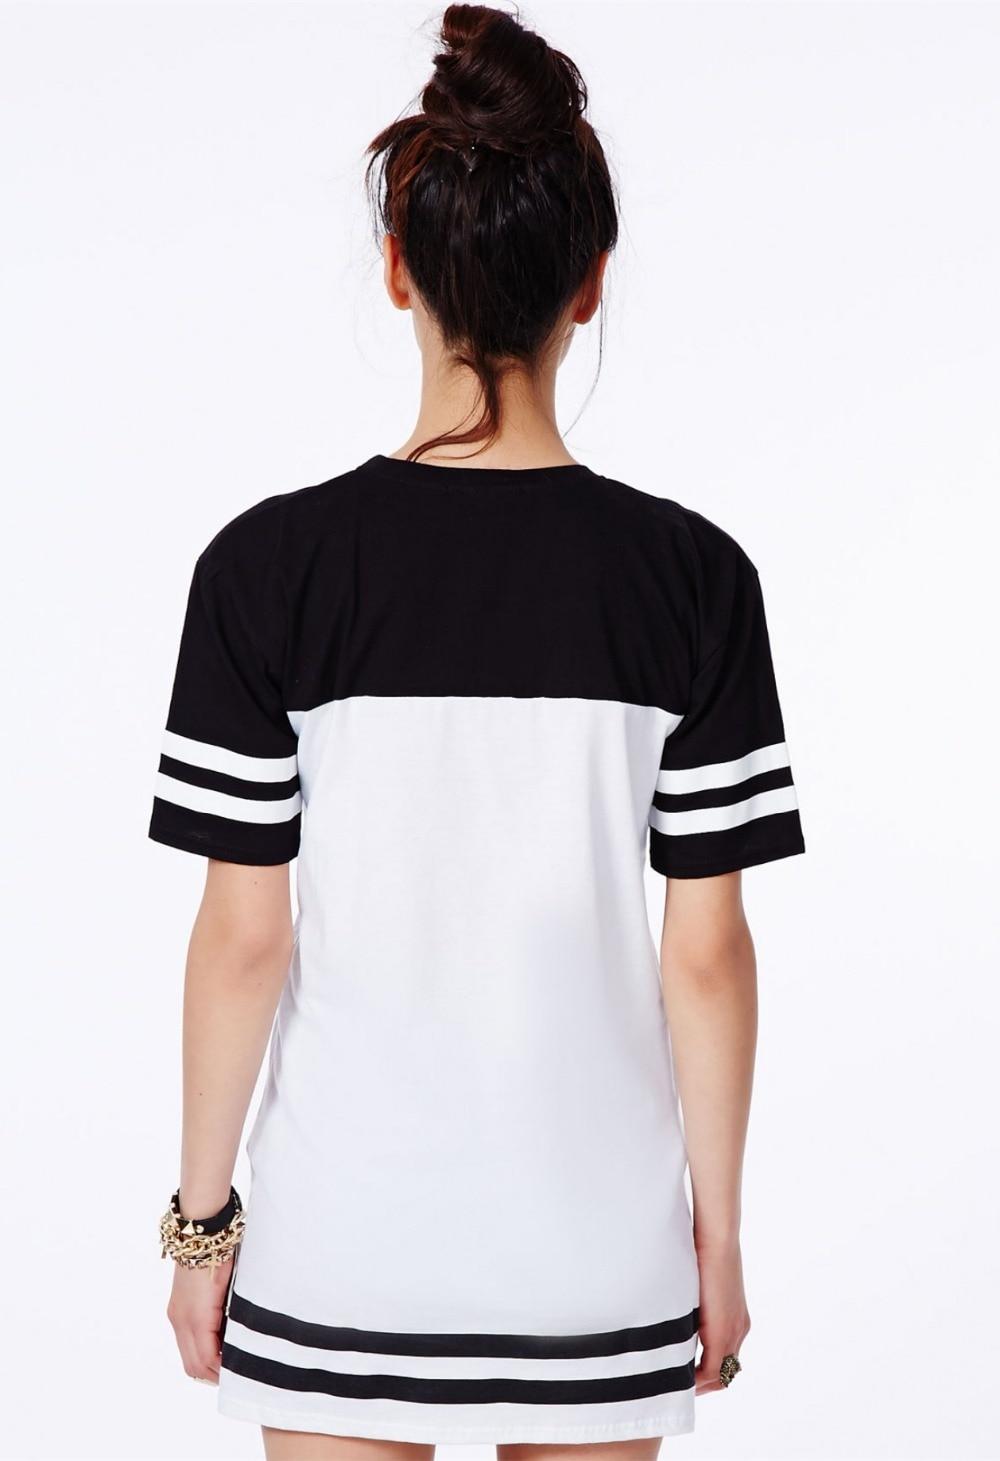 Baseball jersey dress for women dress images for Baseball jersey shirt dress